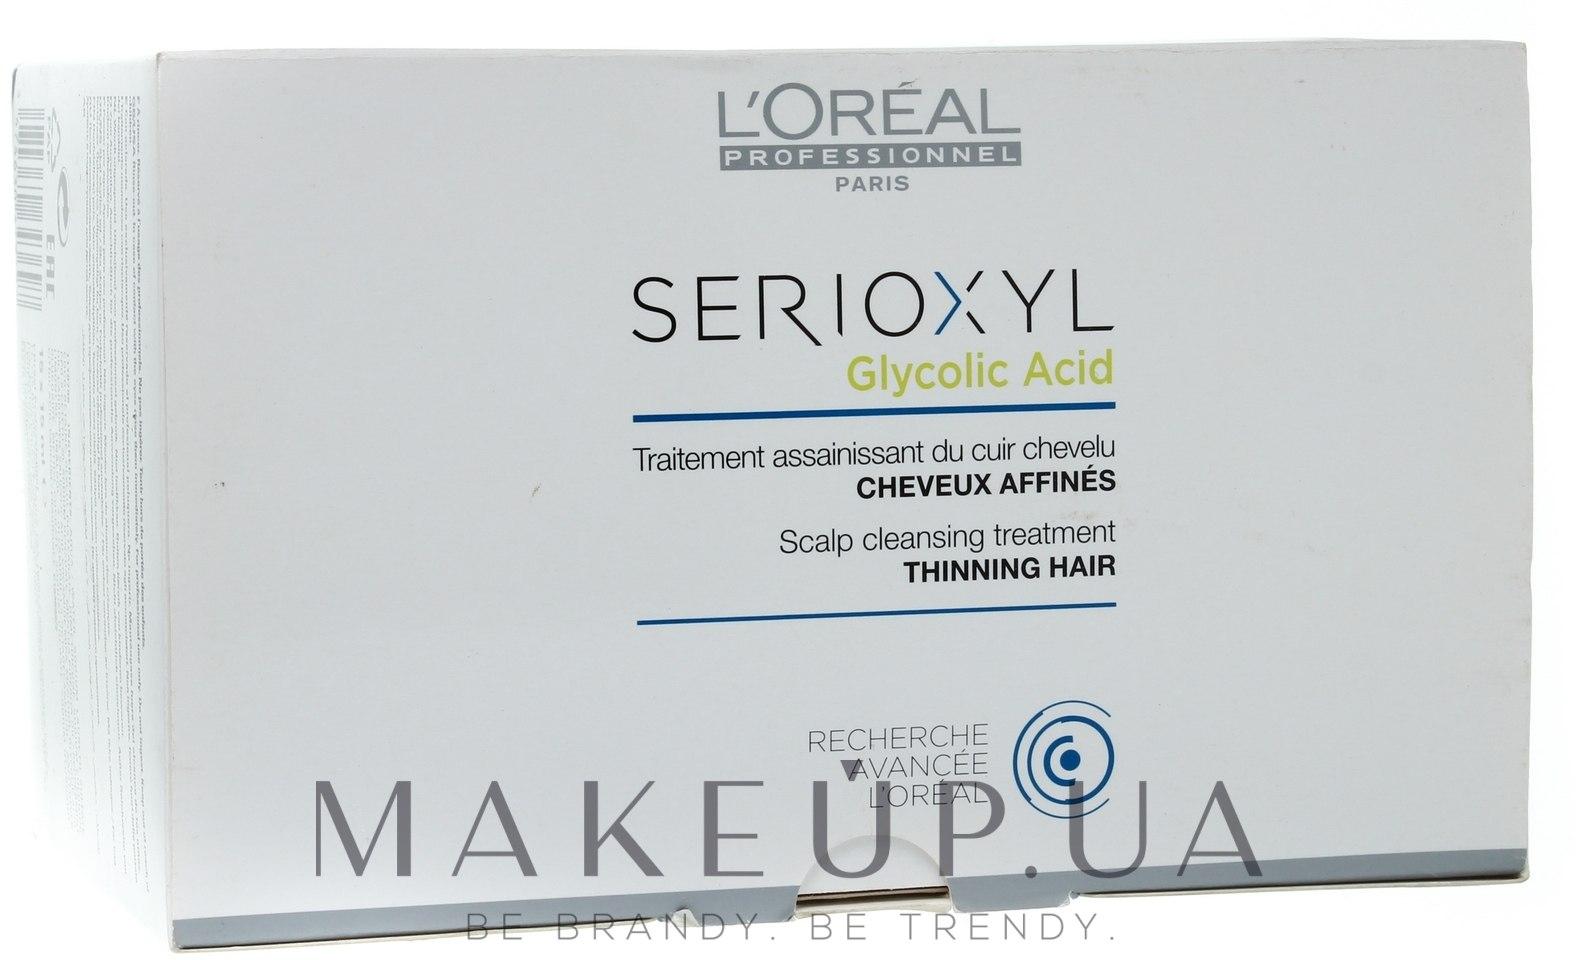 MAKEUP | Пилинг для очищения кожи головы - L'Oreal ... Слои Эпидермиса